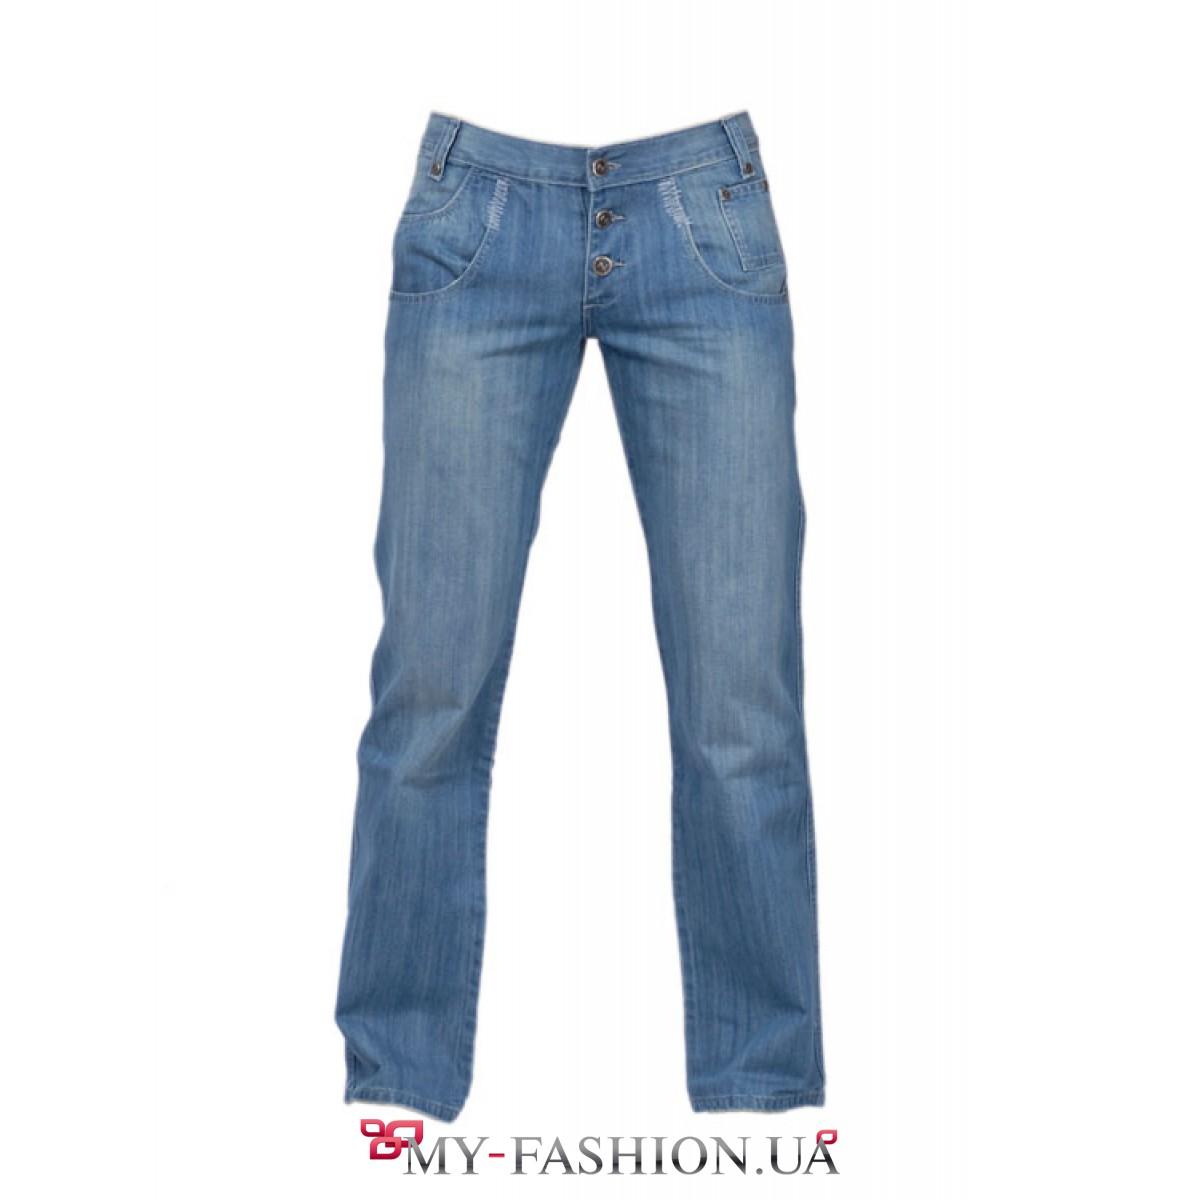 классические джинсы купить интернет магазин